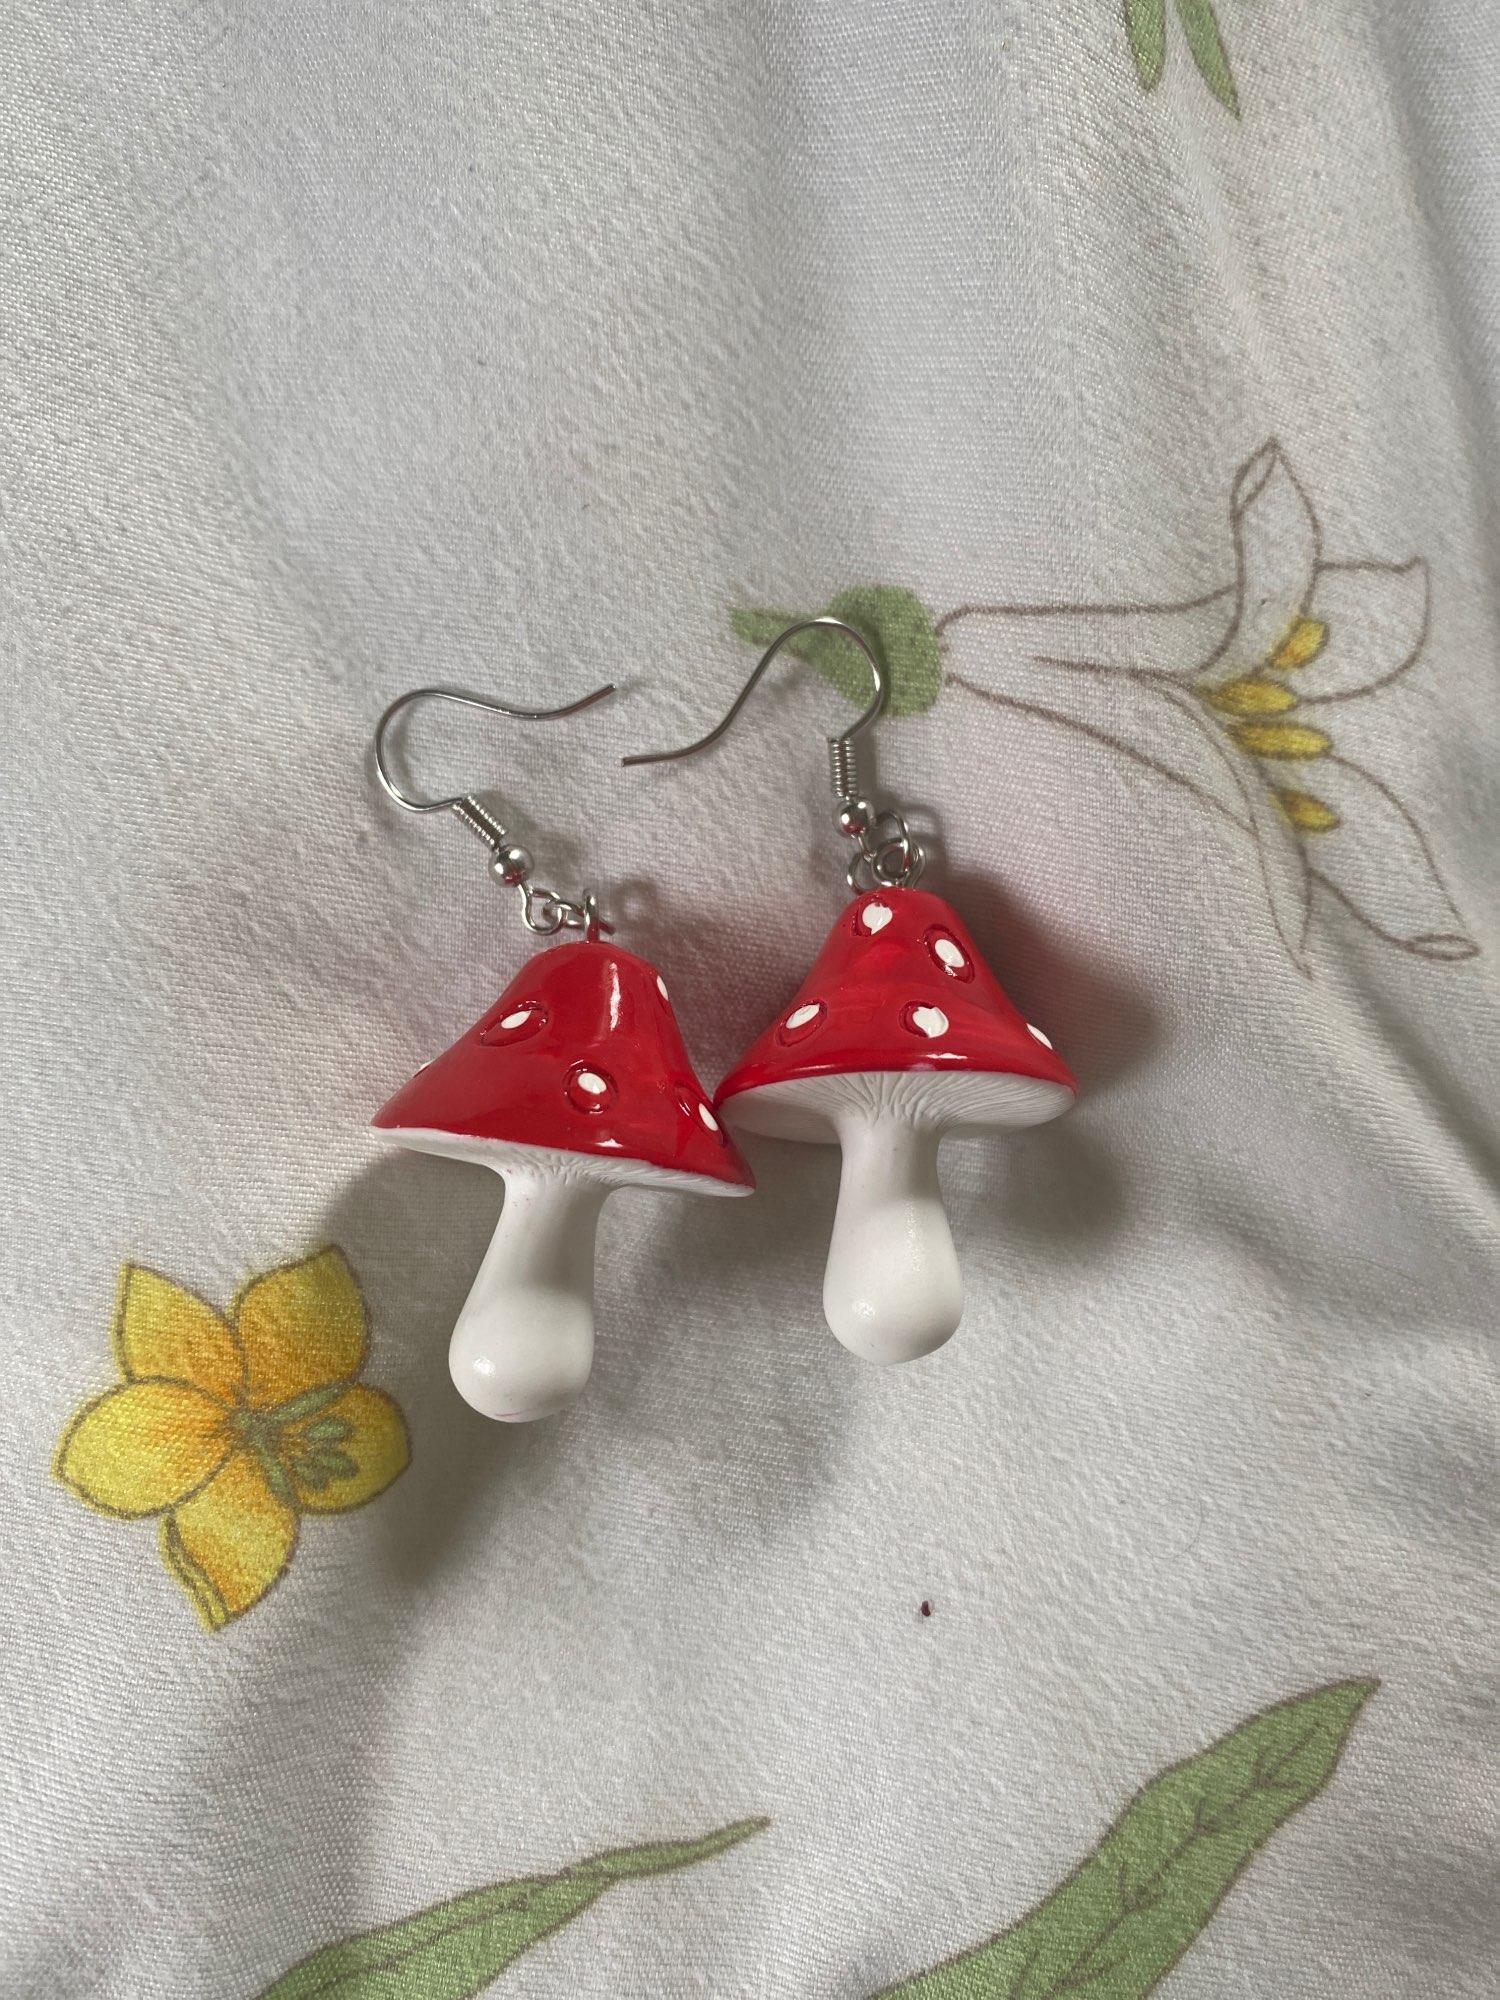 E-girl Y2K Indie Kid Acrylic Mushroom Long Pendant Earrings photo review